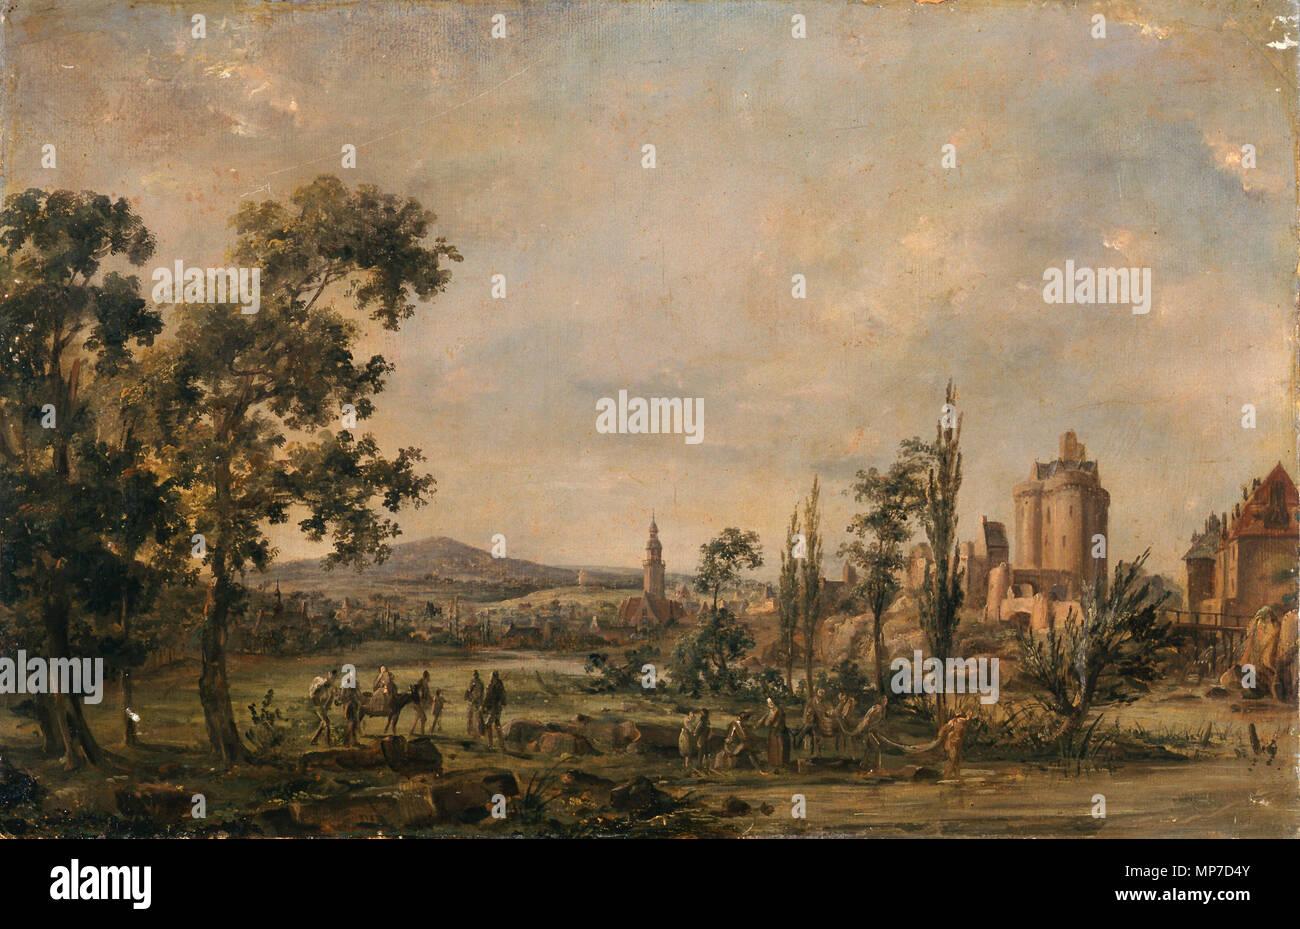 968 Paysage - anonyme - Musée d'art et d'histoire de Saint-Brieucb Foto de stock